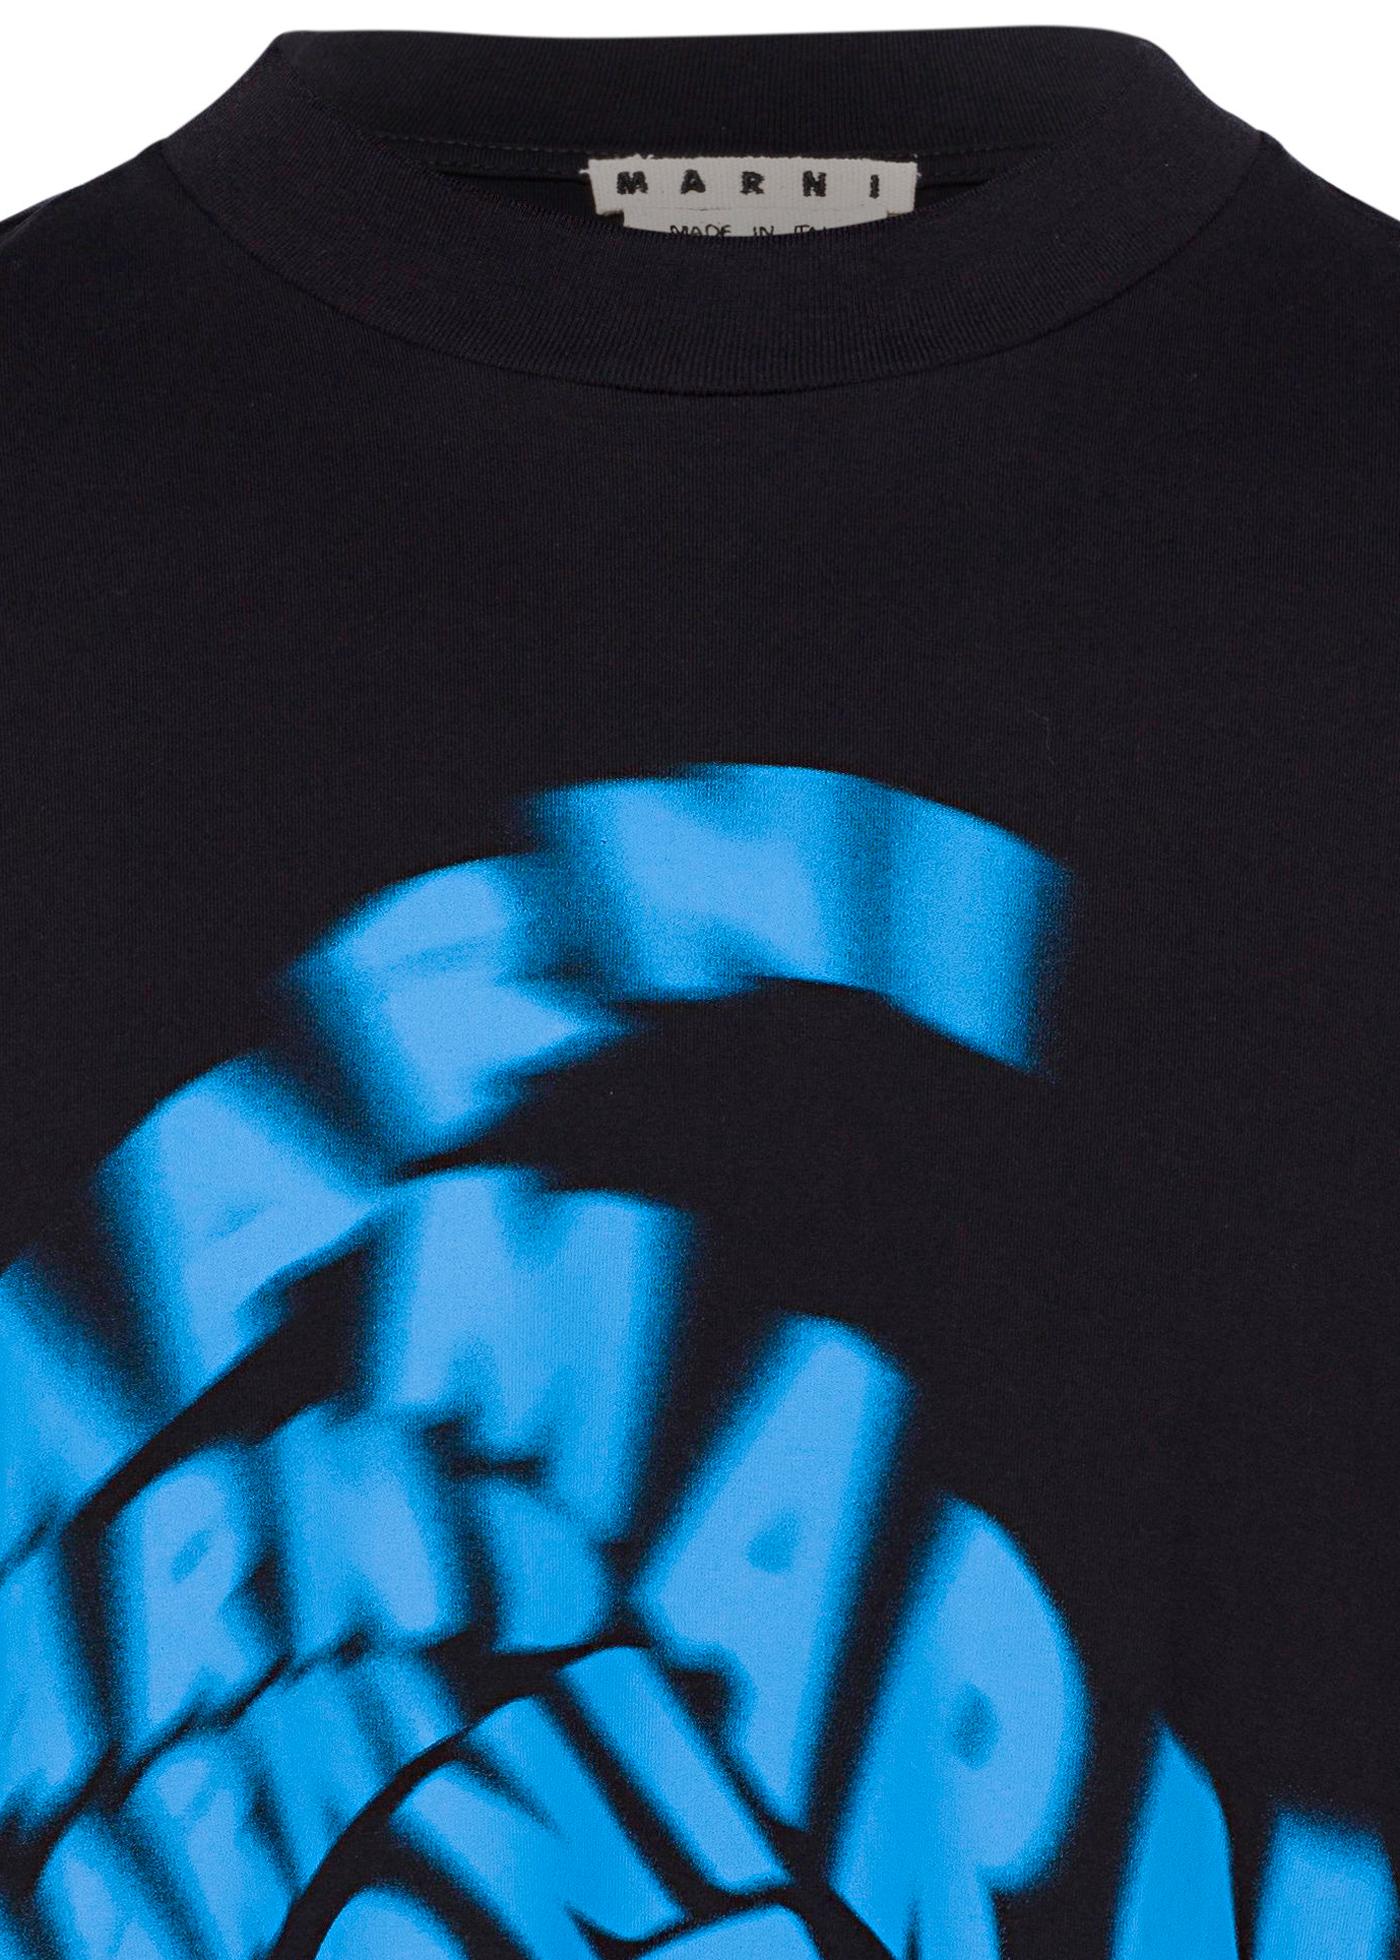 T-SHIRT UOMO image number 2